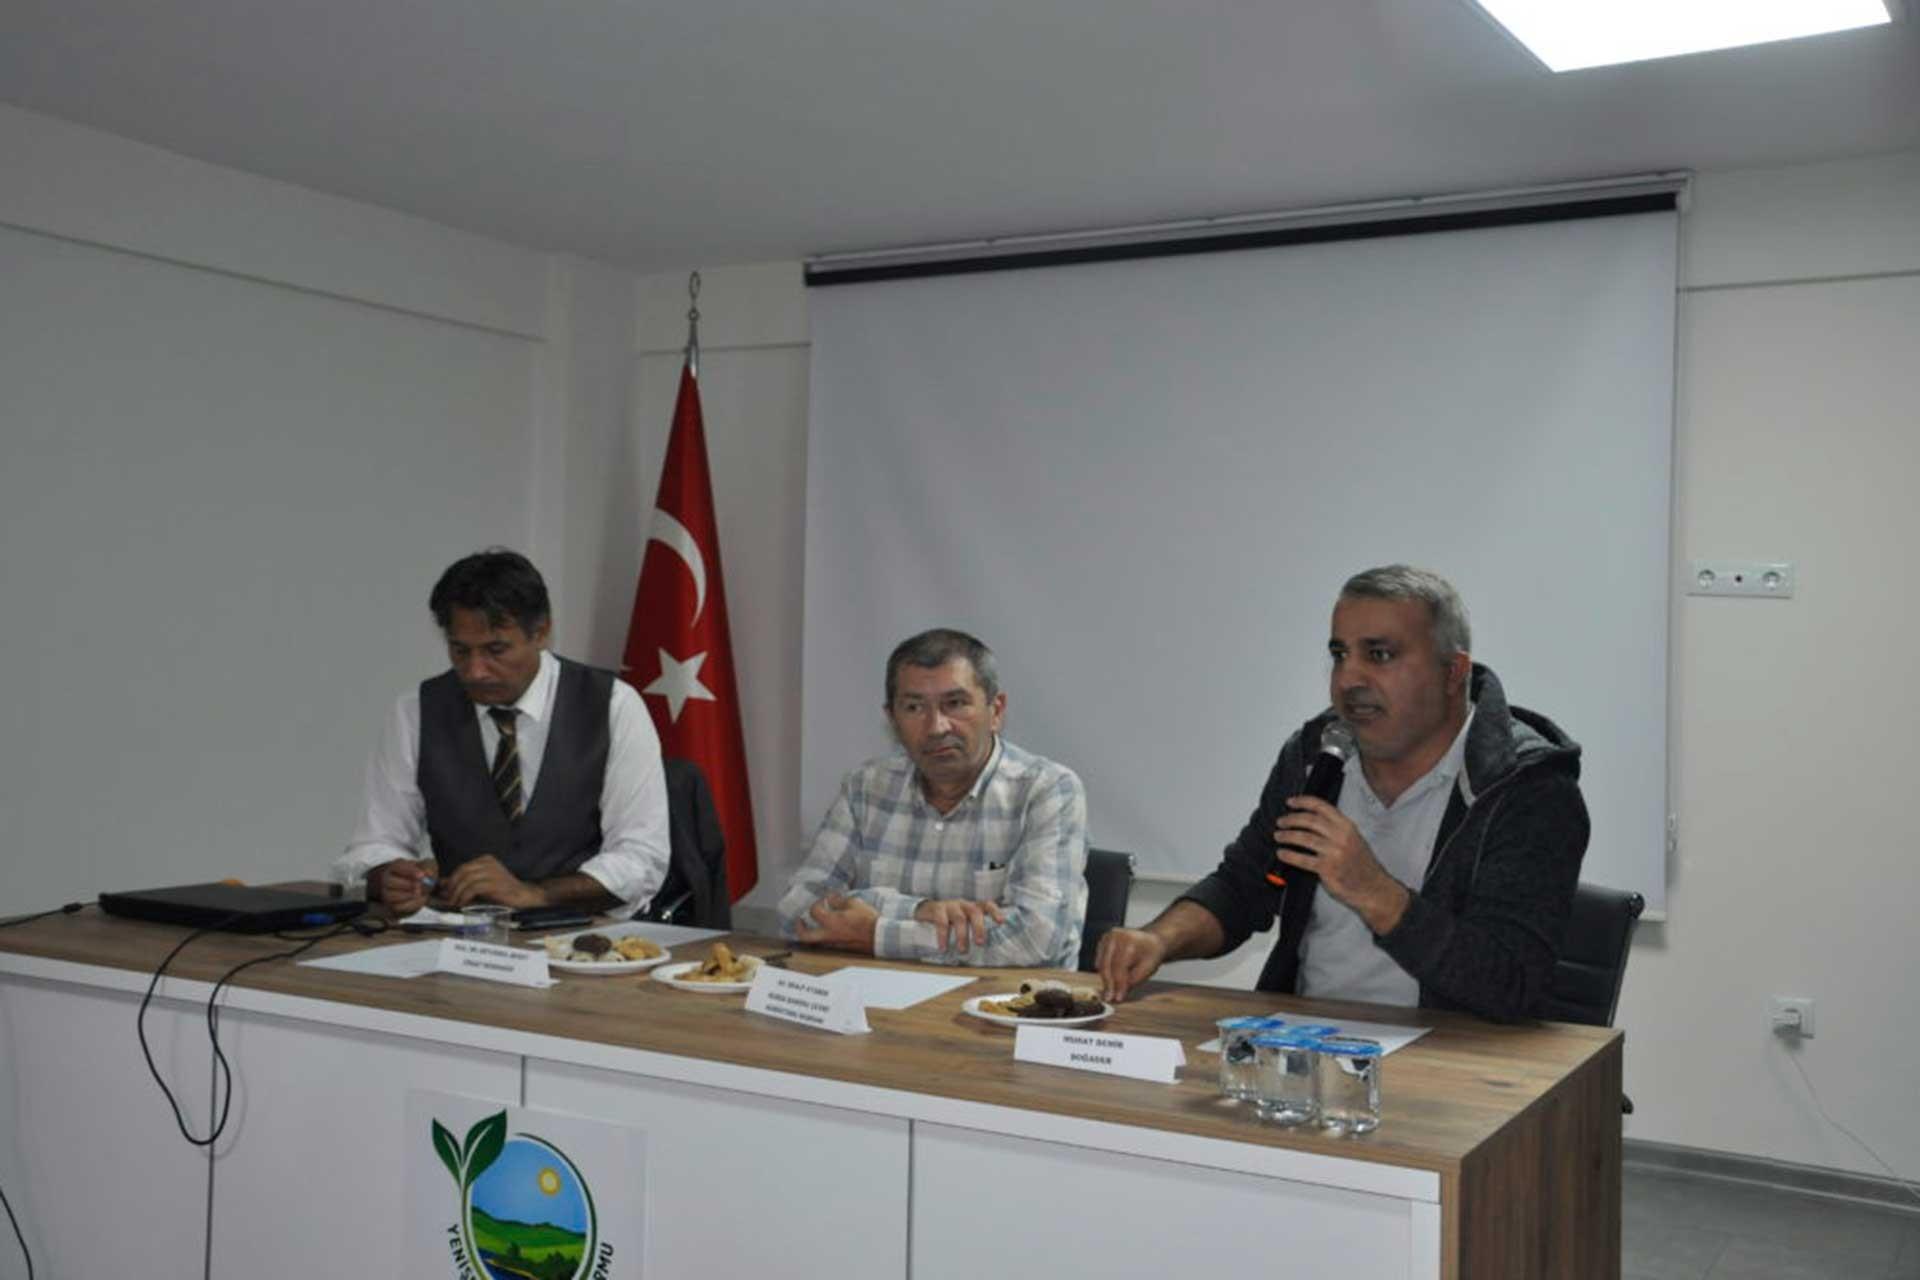 Bursa Yenişehir Çevre Platformu: Meyra Madencilik'e geçit yok